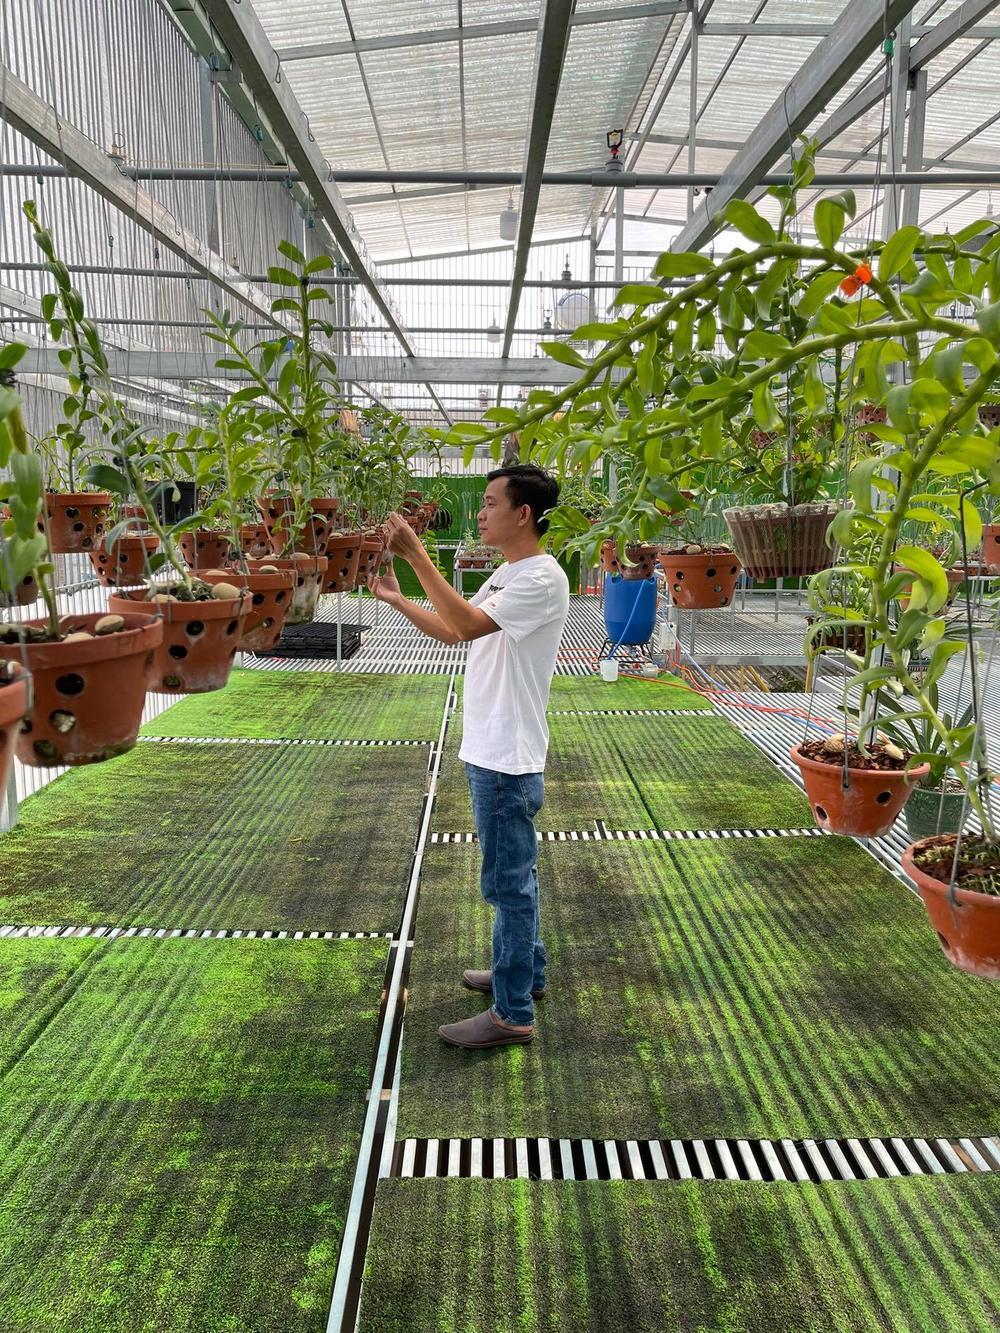 Phạm Minh Minh: Ông chủ vườn lan đi từ thử thách tới thành công Ảnh 1